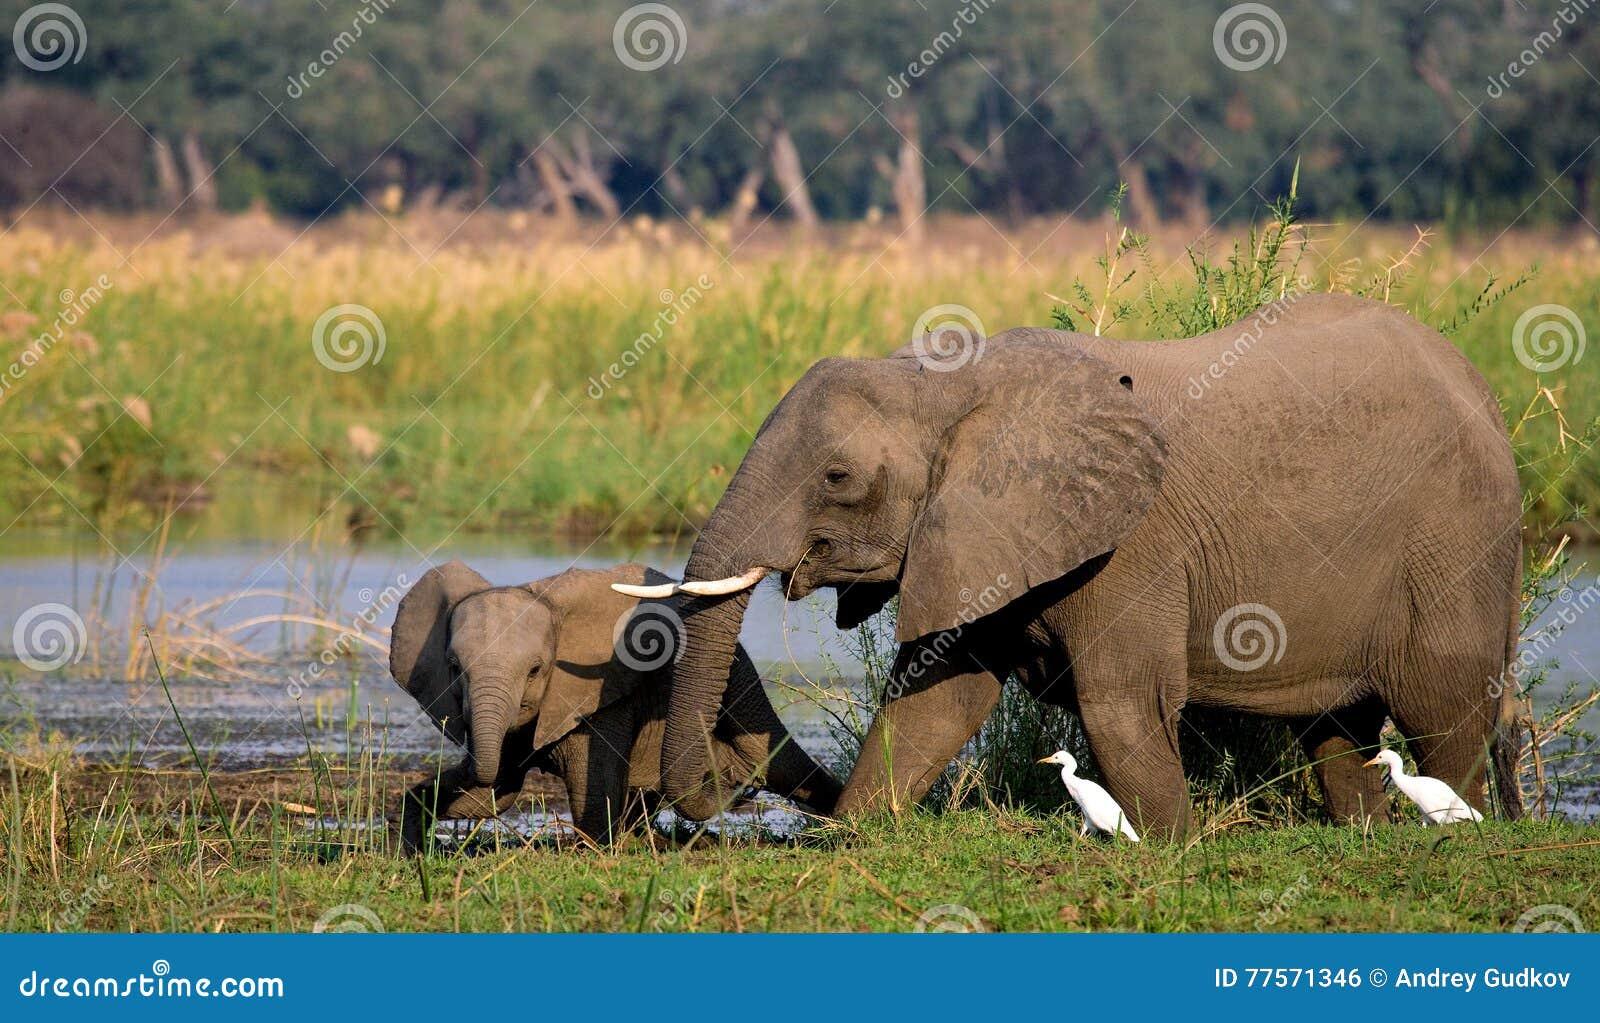 Elephant with baby near the Zambezi River. Zambia. Lower Zambezi National Park. Zambezi River.